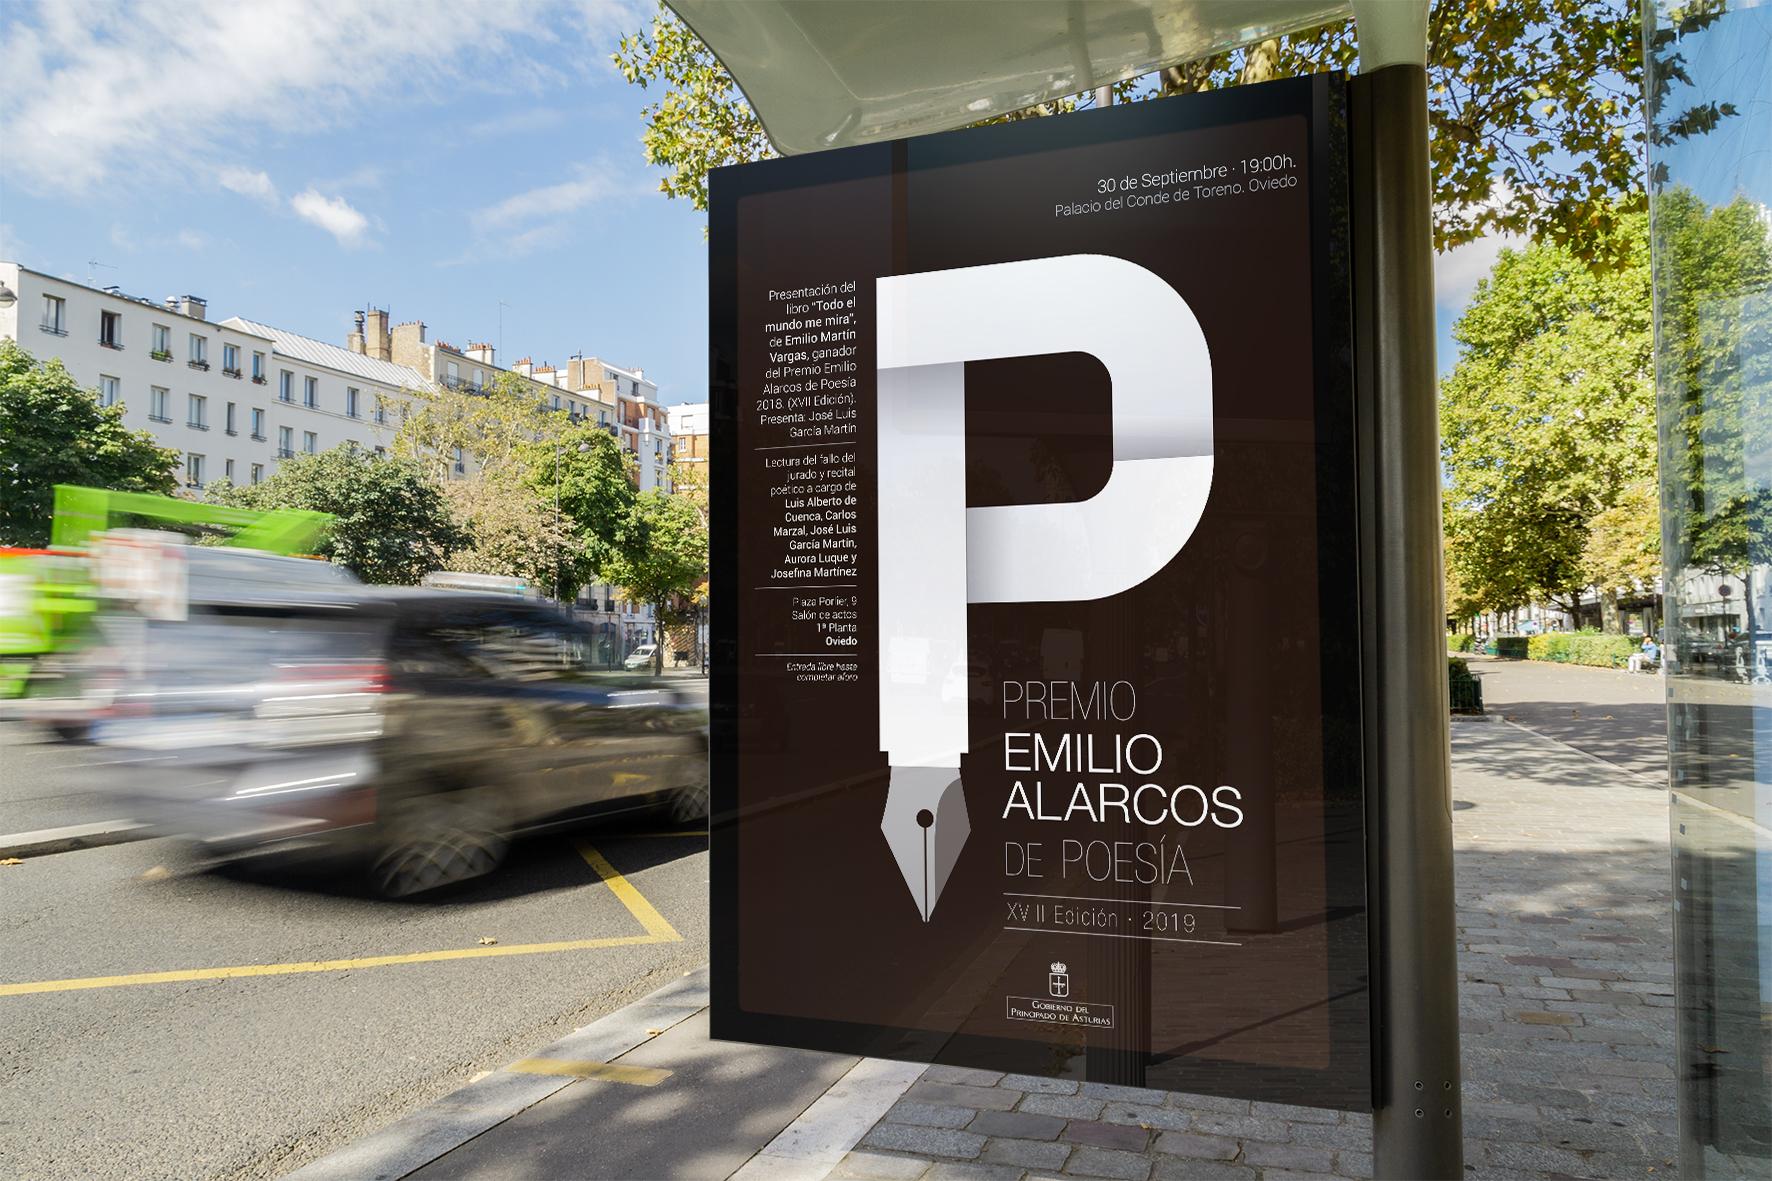 Premio Emilio Alarcos Llorach Mupi